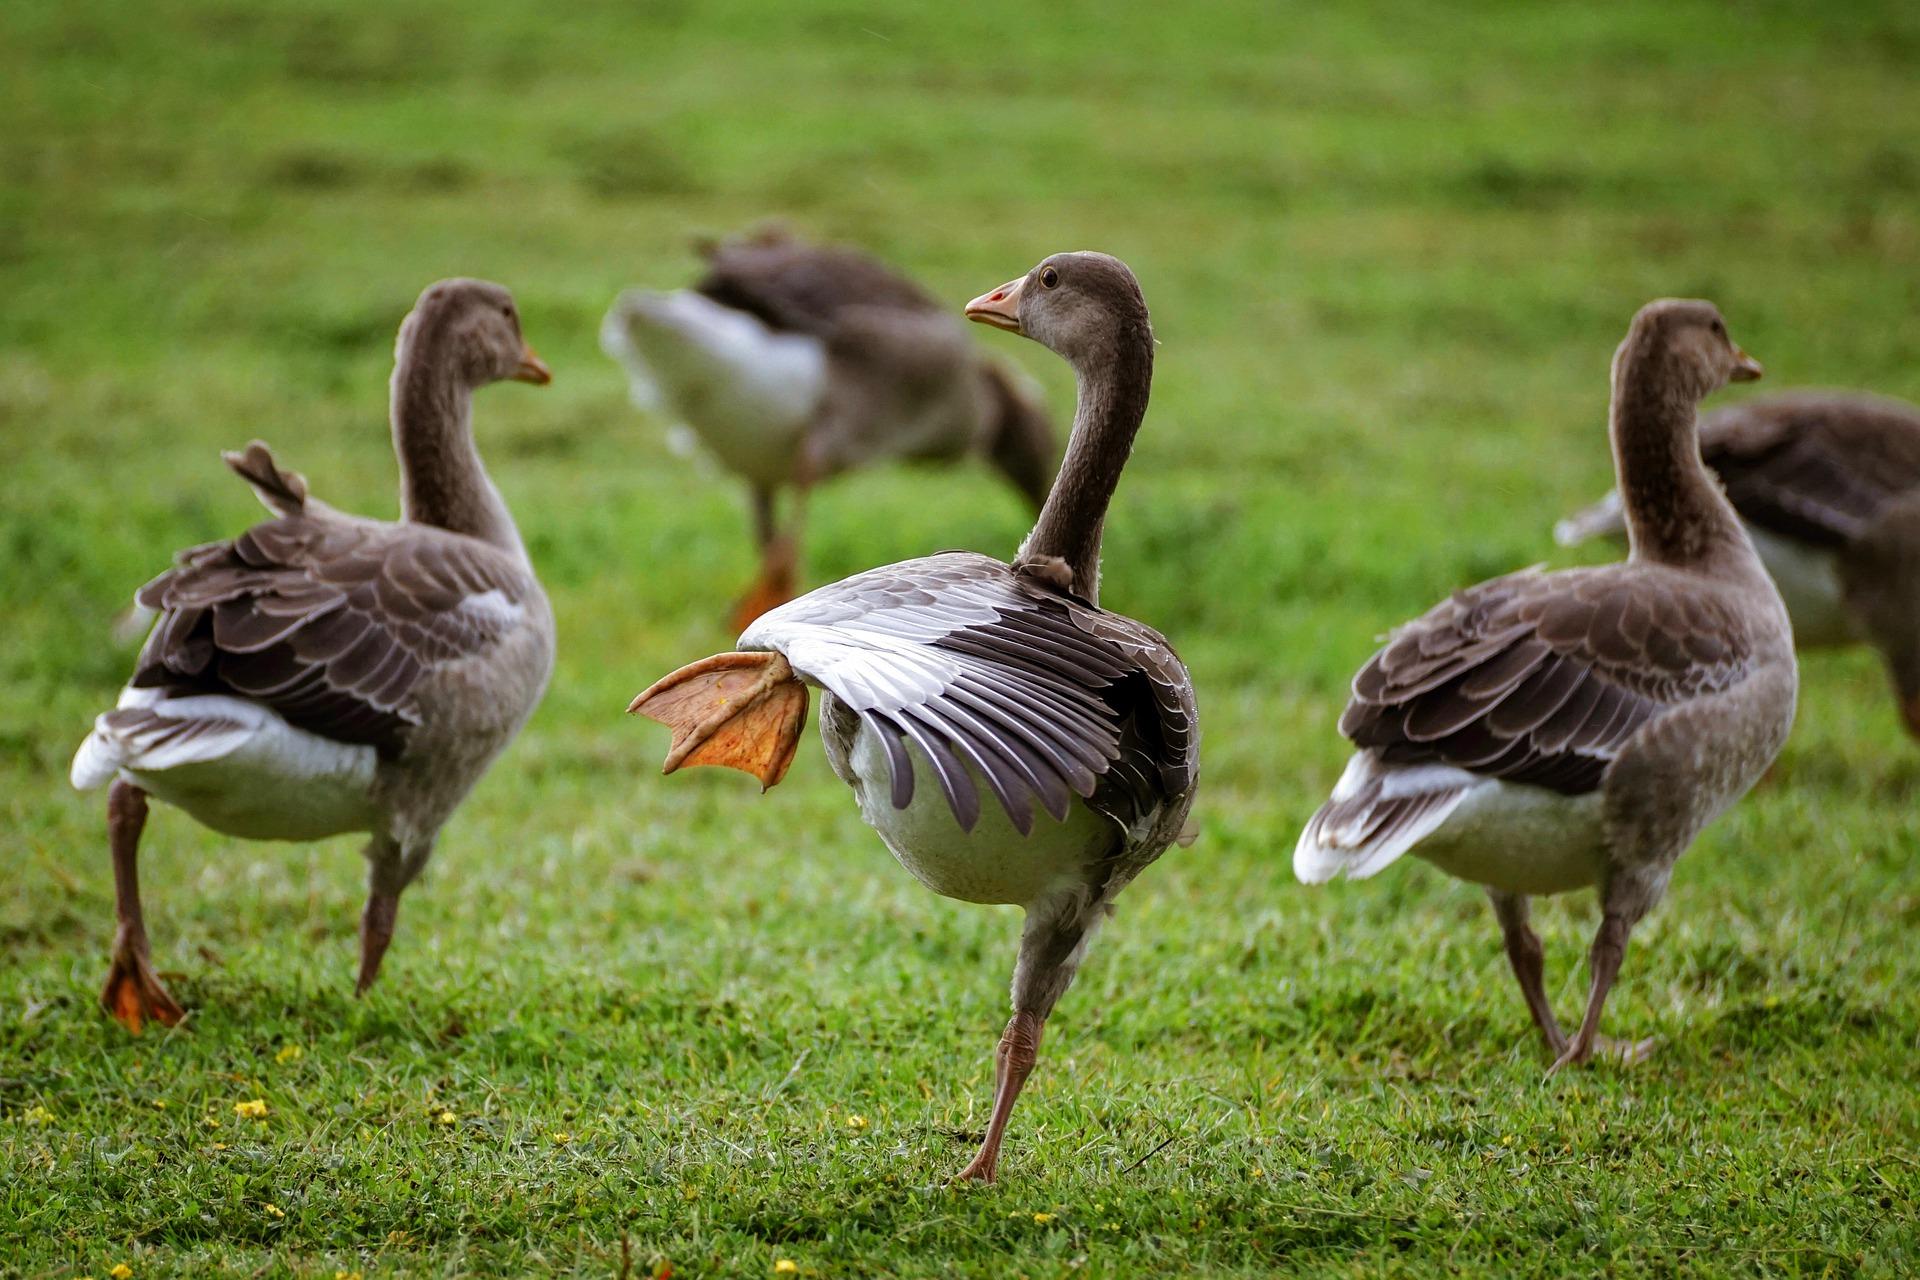 geese-4287963_1920.jpg